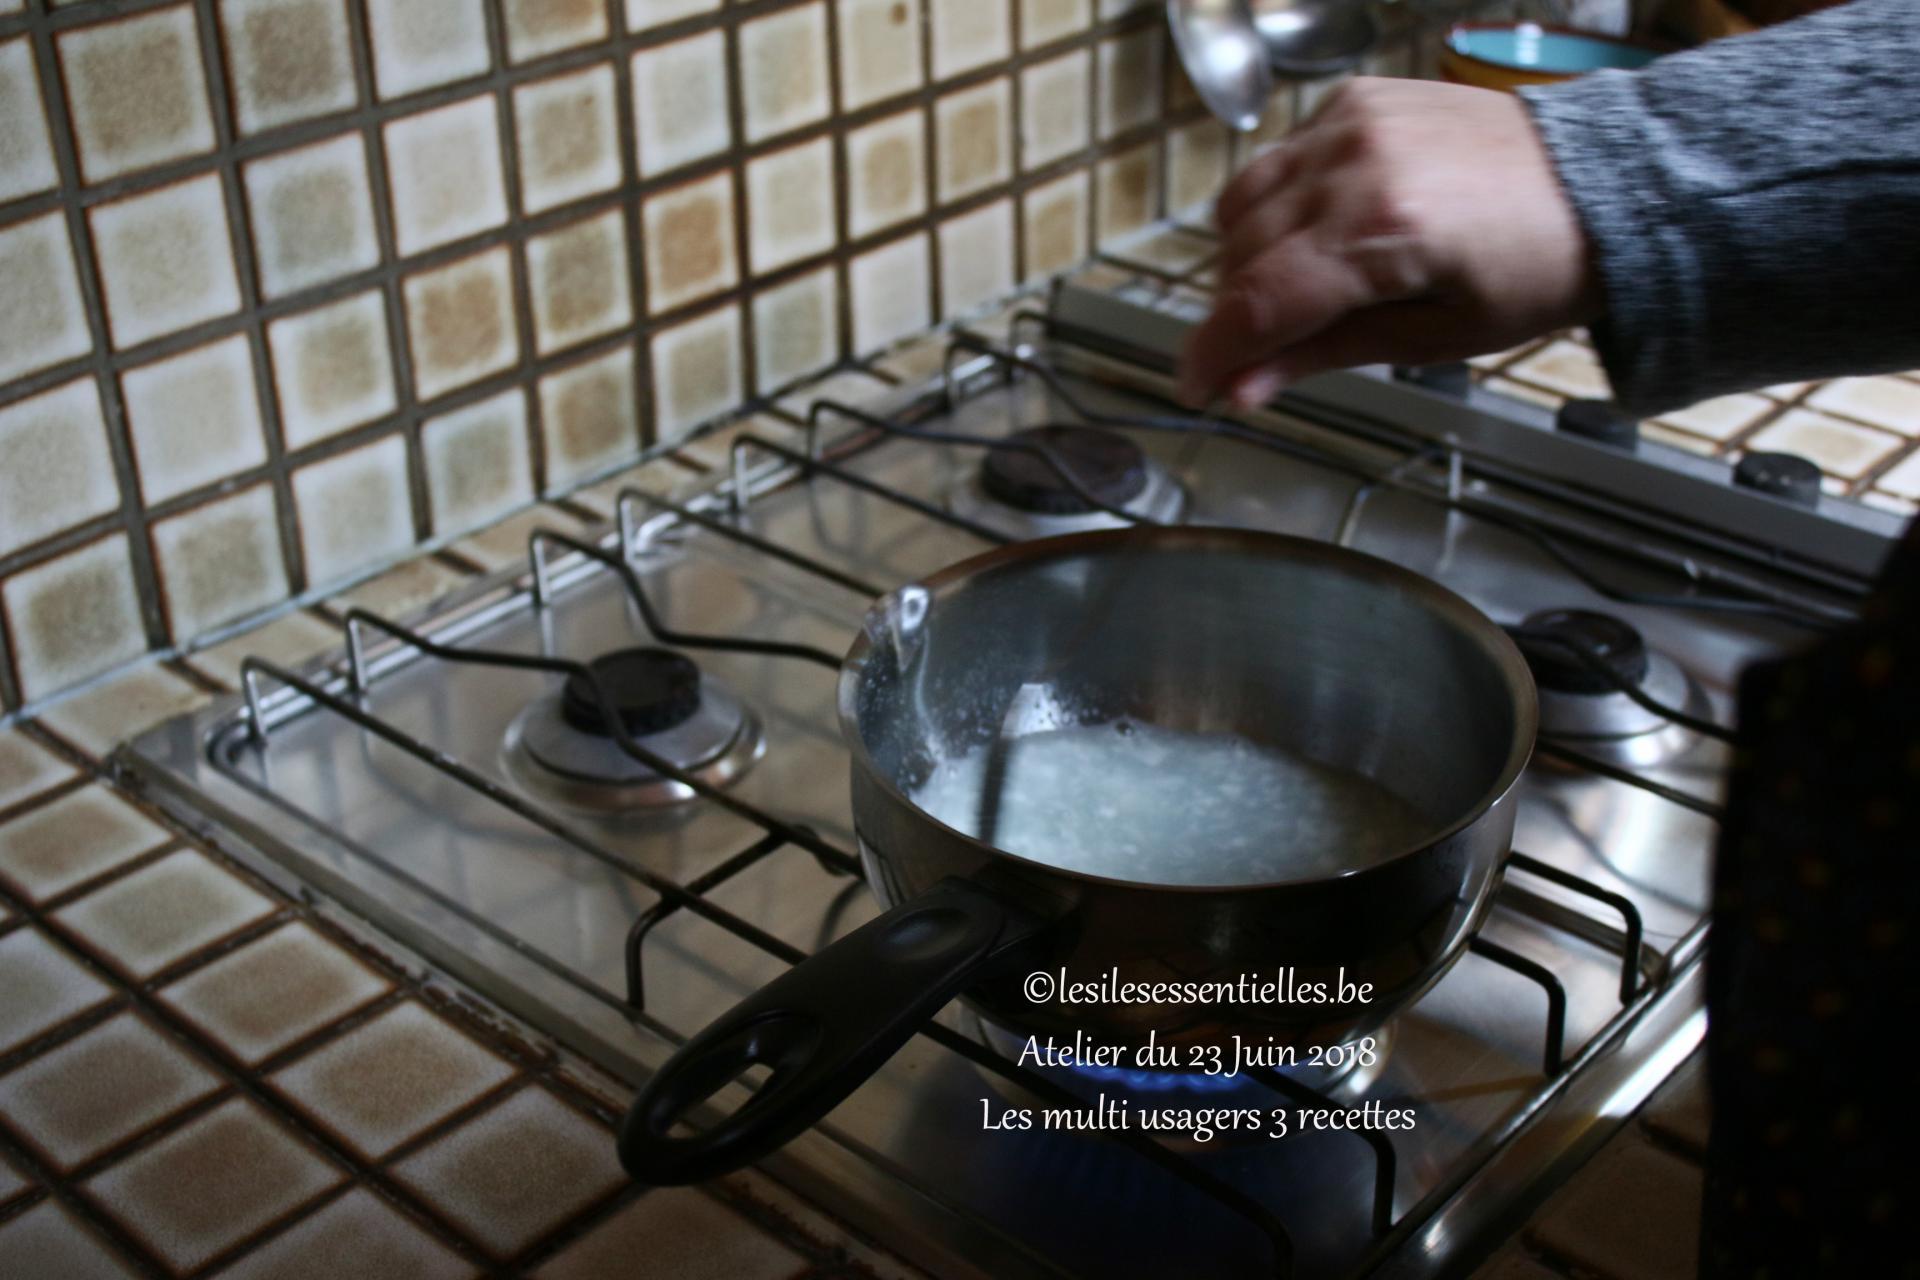 3 recettes de Multi usager